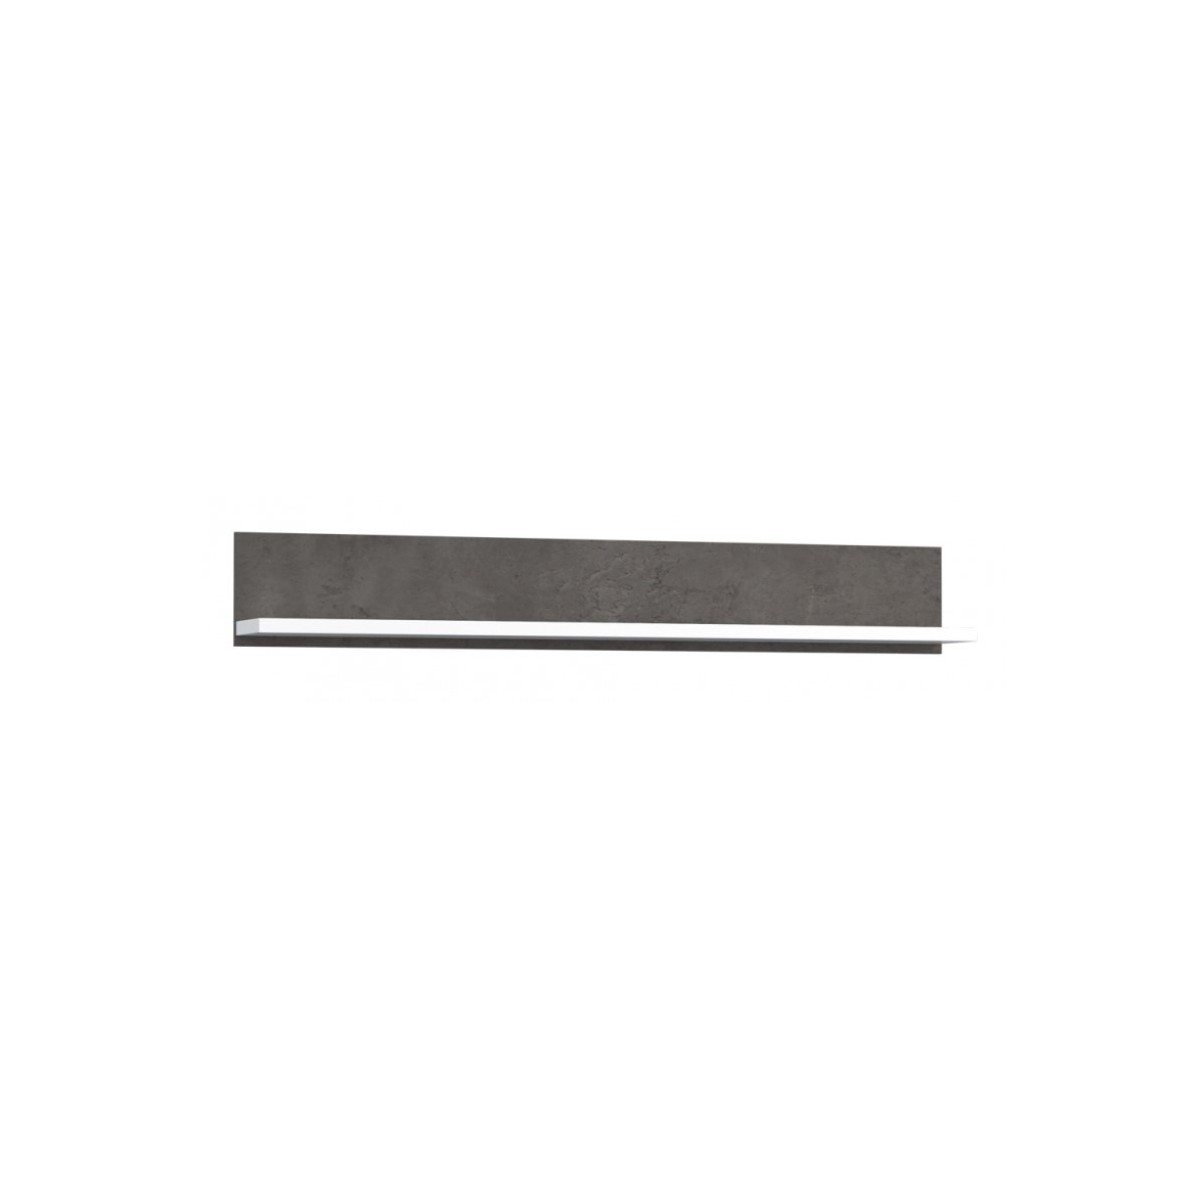 Lennox New Półka wisząca MRYB01 Forte